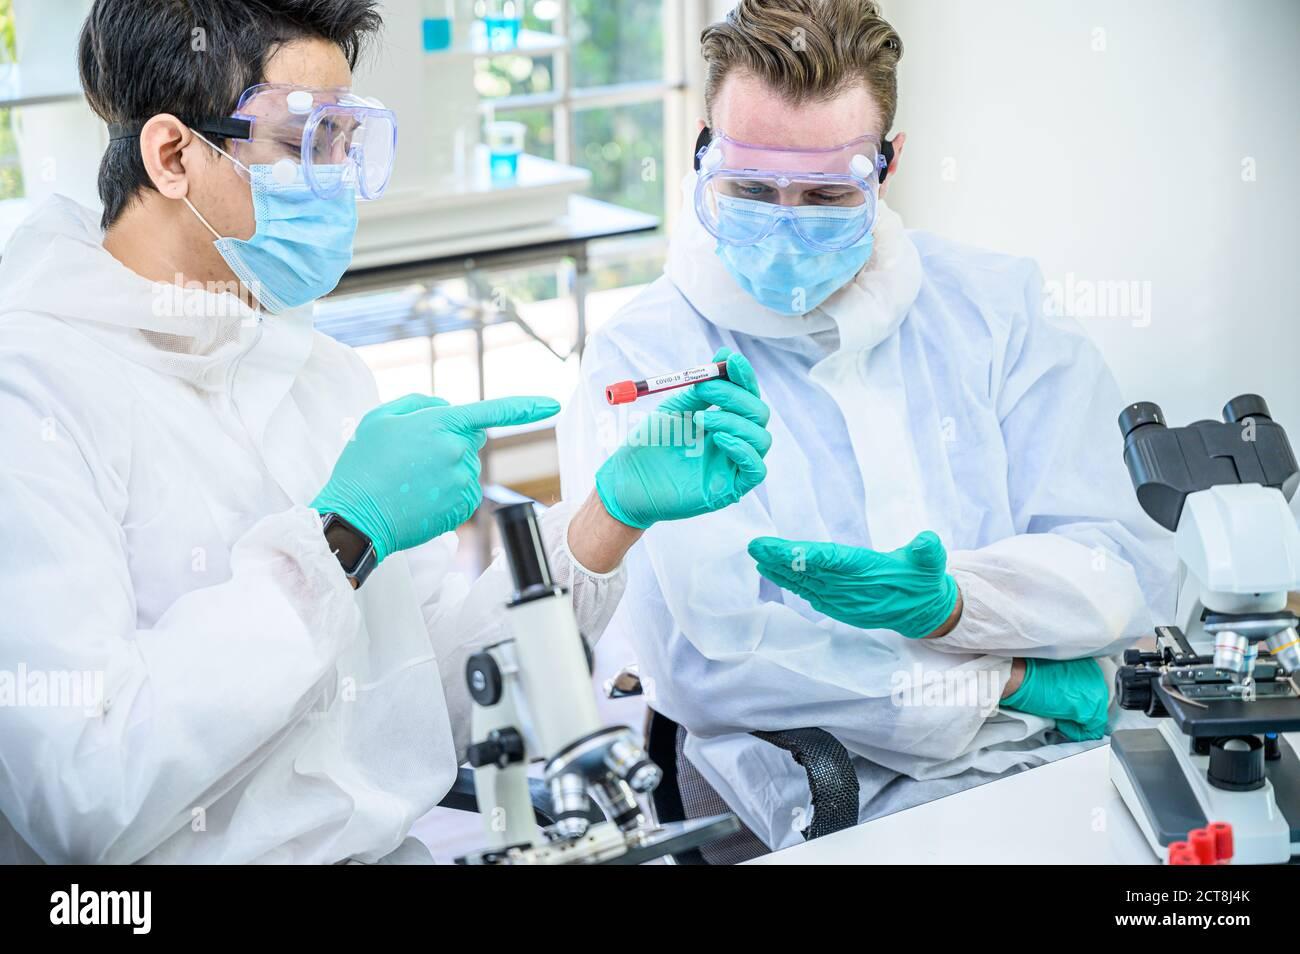 Un hombre de la pareja de científicos usando traje de protección que sostiene la vacuna contra el Coronavirus y trabajando con muchos equipos de laboratorio para la investigación de la vacuna en el laboratorio. Viru Foto de stock